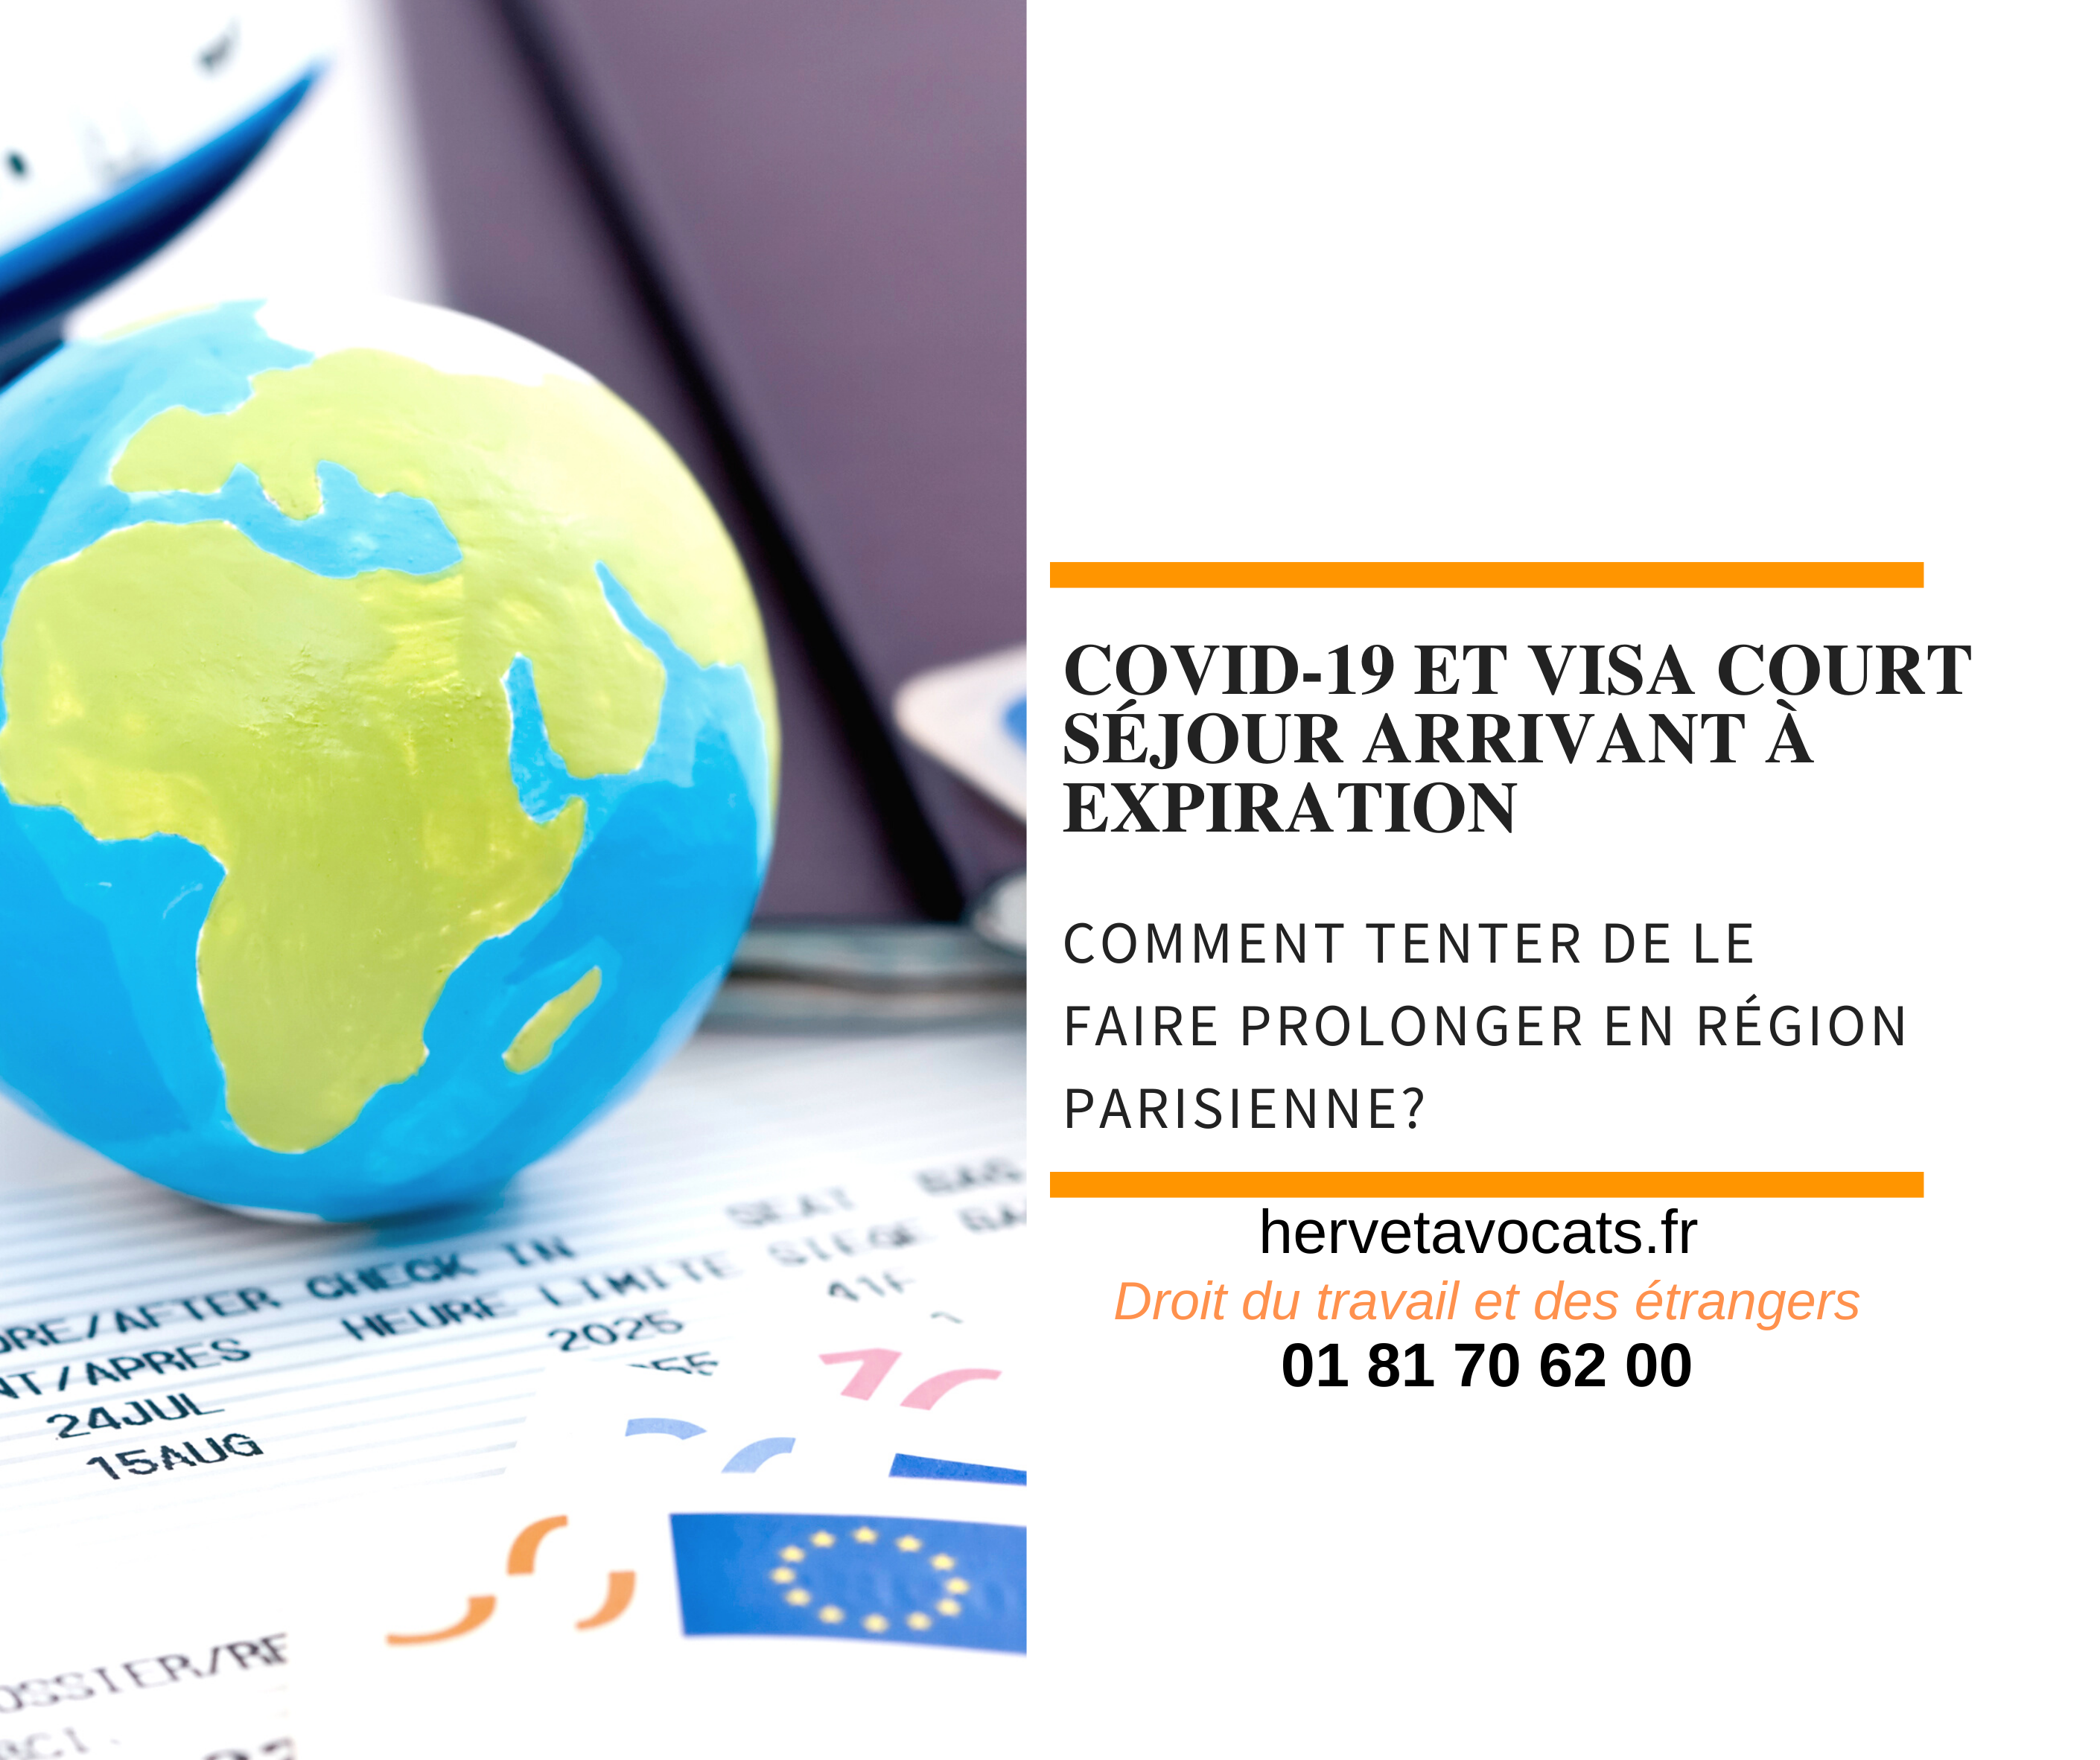 COVID 19 - Comment tenter de demander la prolongation des visas court-séjour en région parisienne?